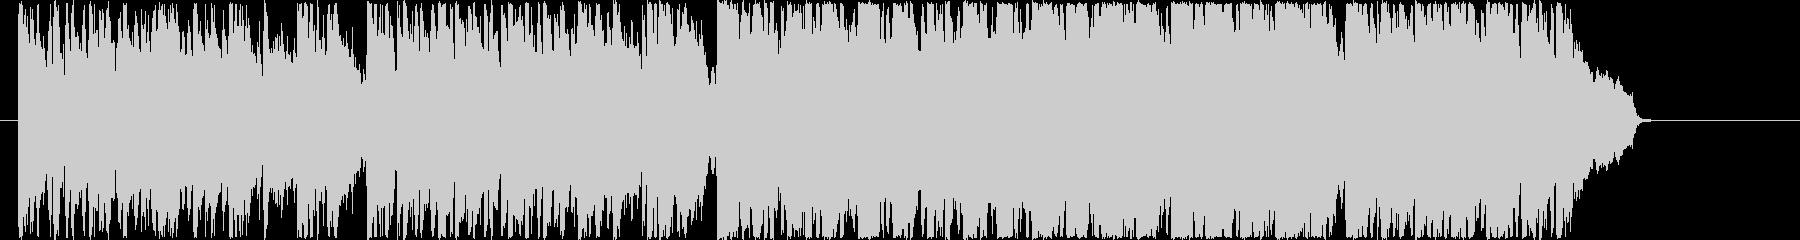 企業_CM_ オーガニックの未再生の波形